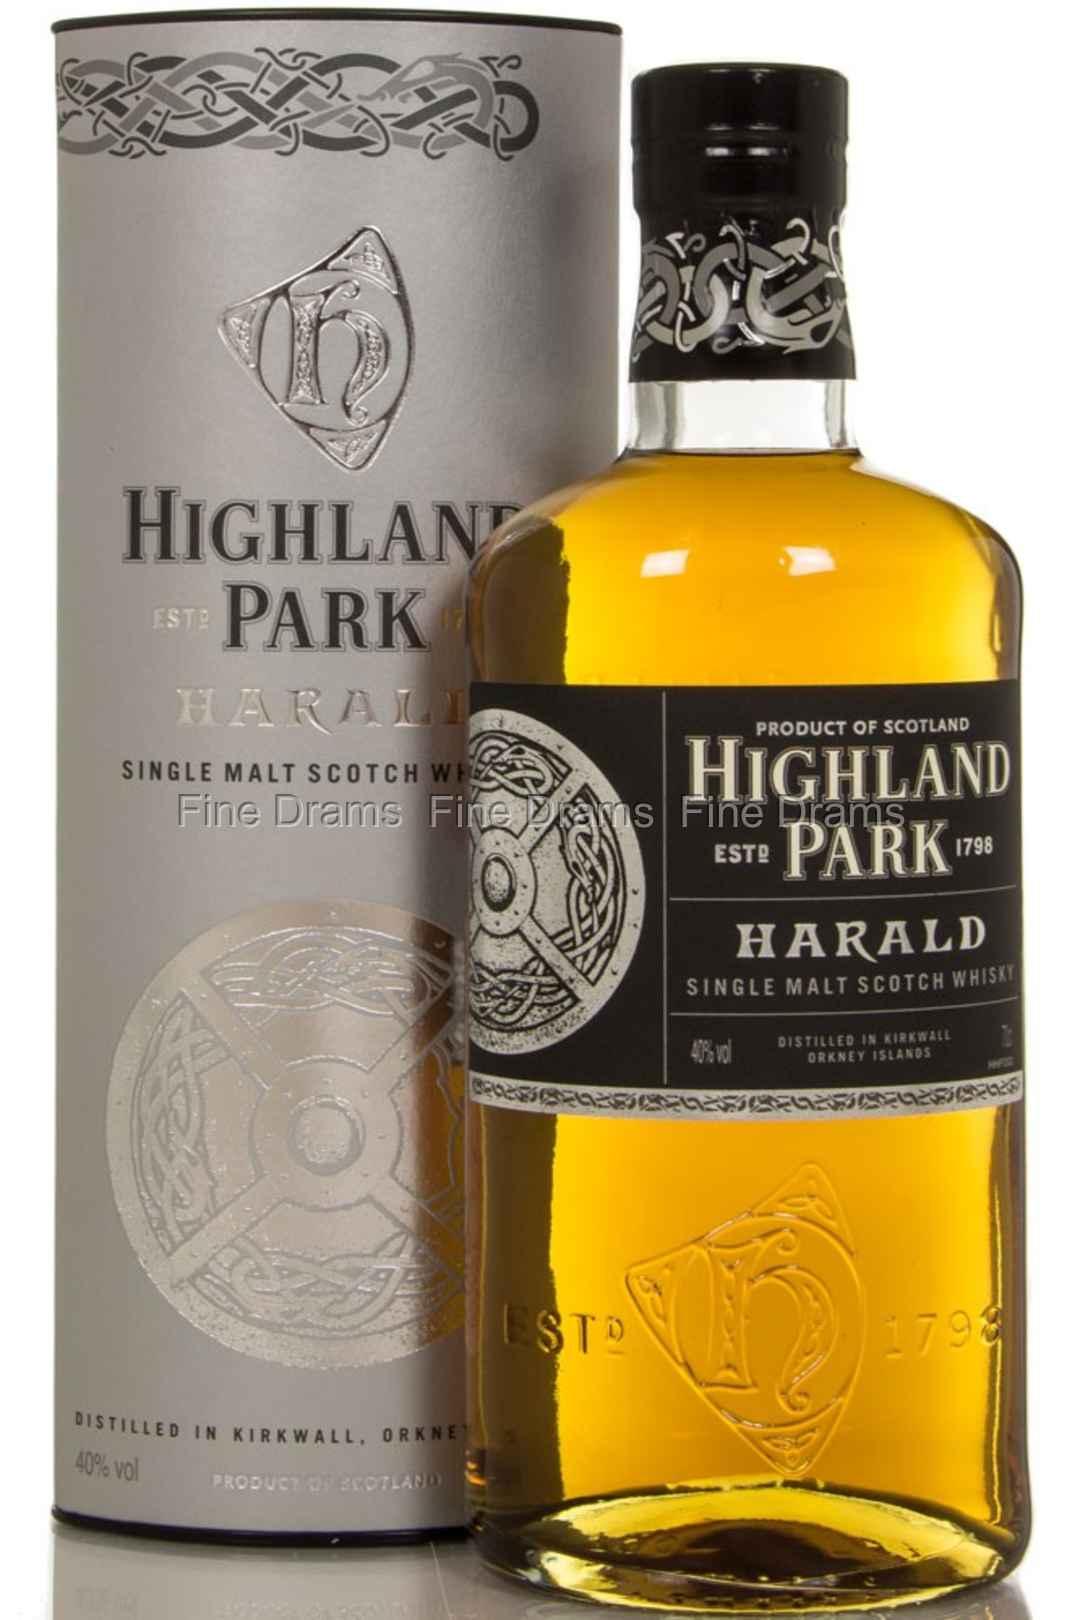 88ca451c68e Highland Park Harald Whisky